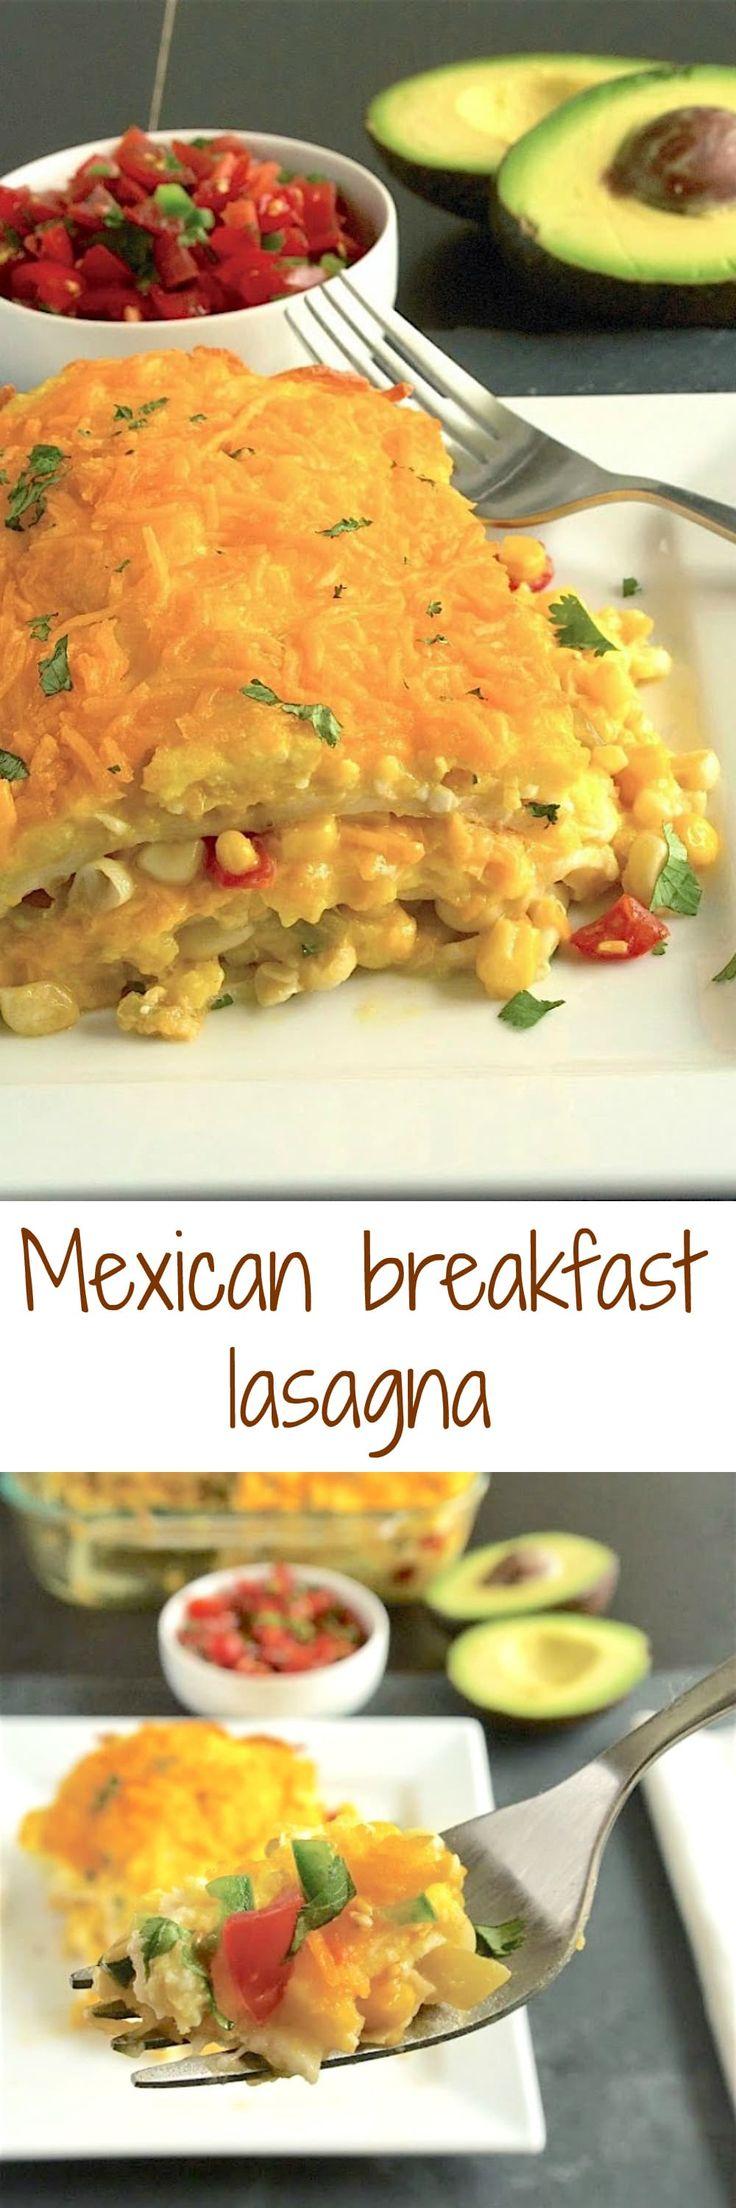 ... lasagna. Layers of scrambled egg, corn salsa, tortillas and cheese